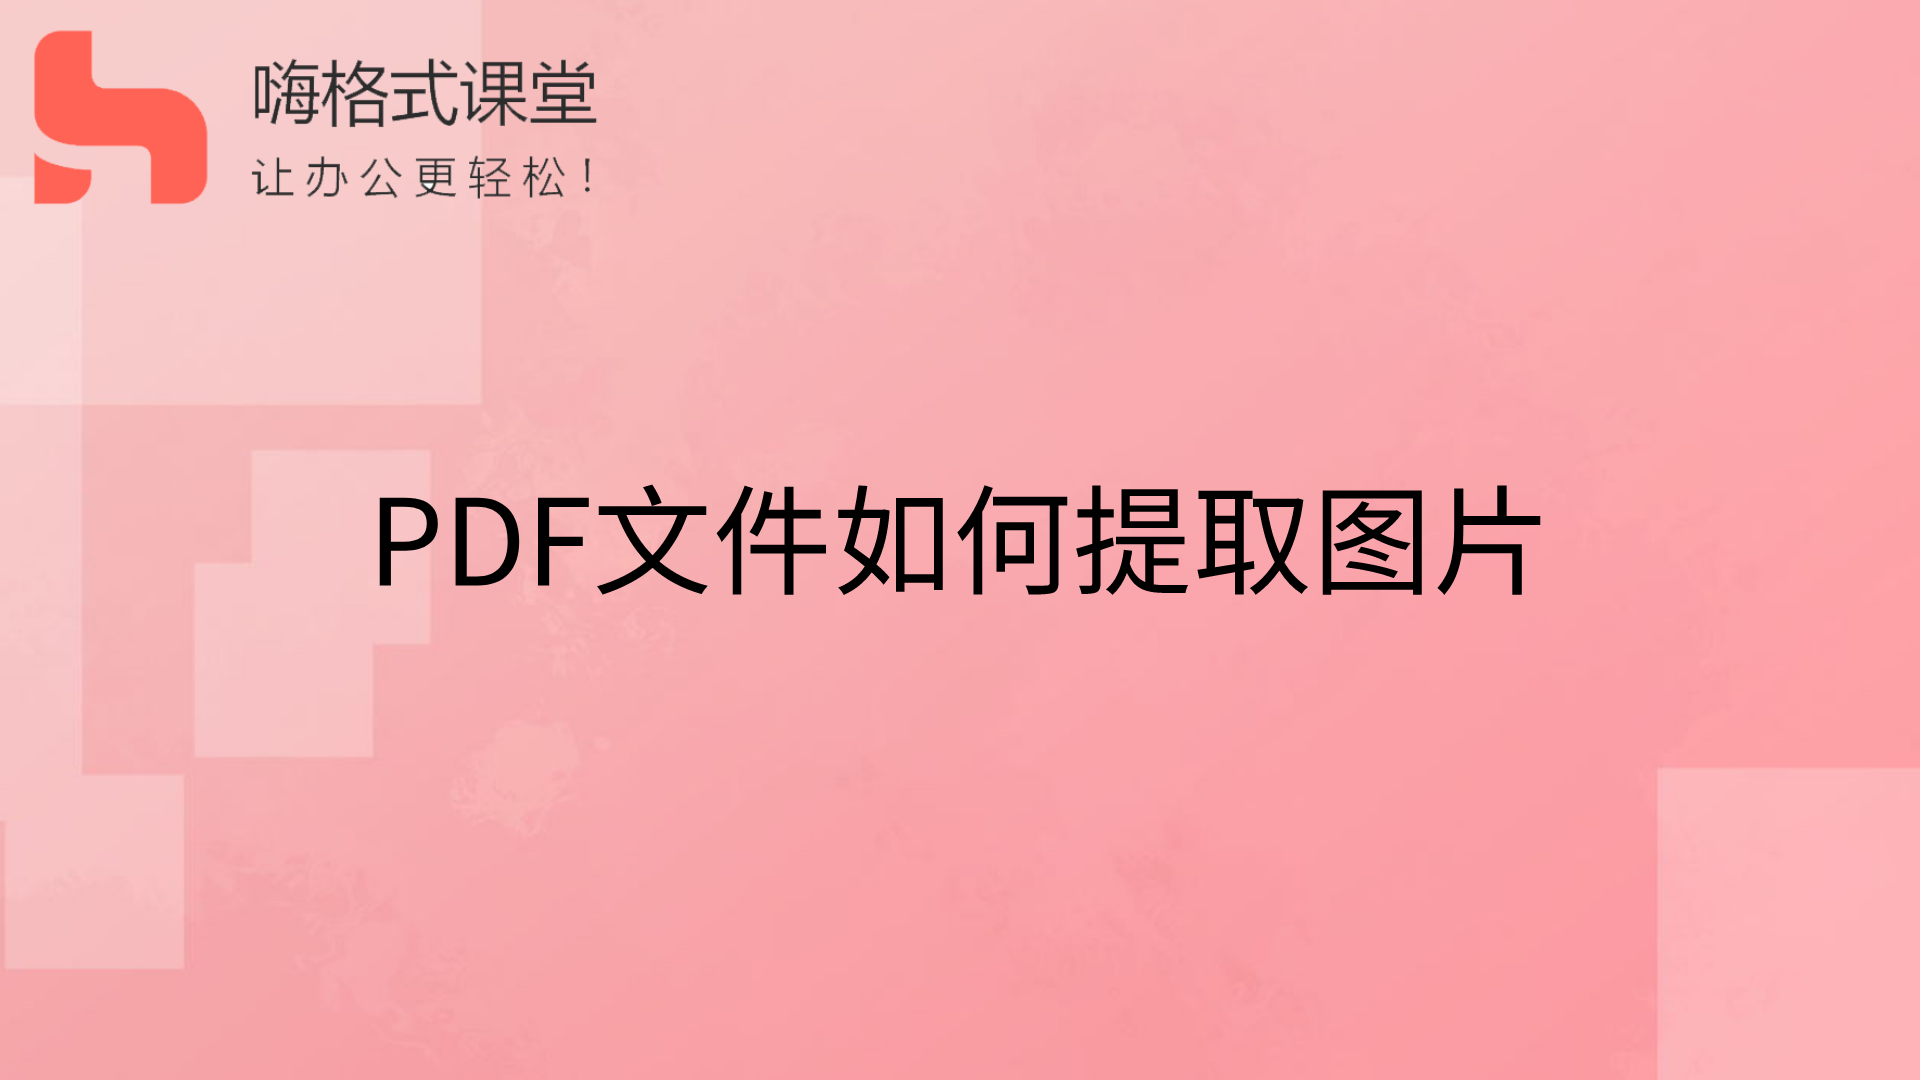 PDF文件如何提取图片